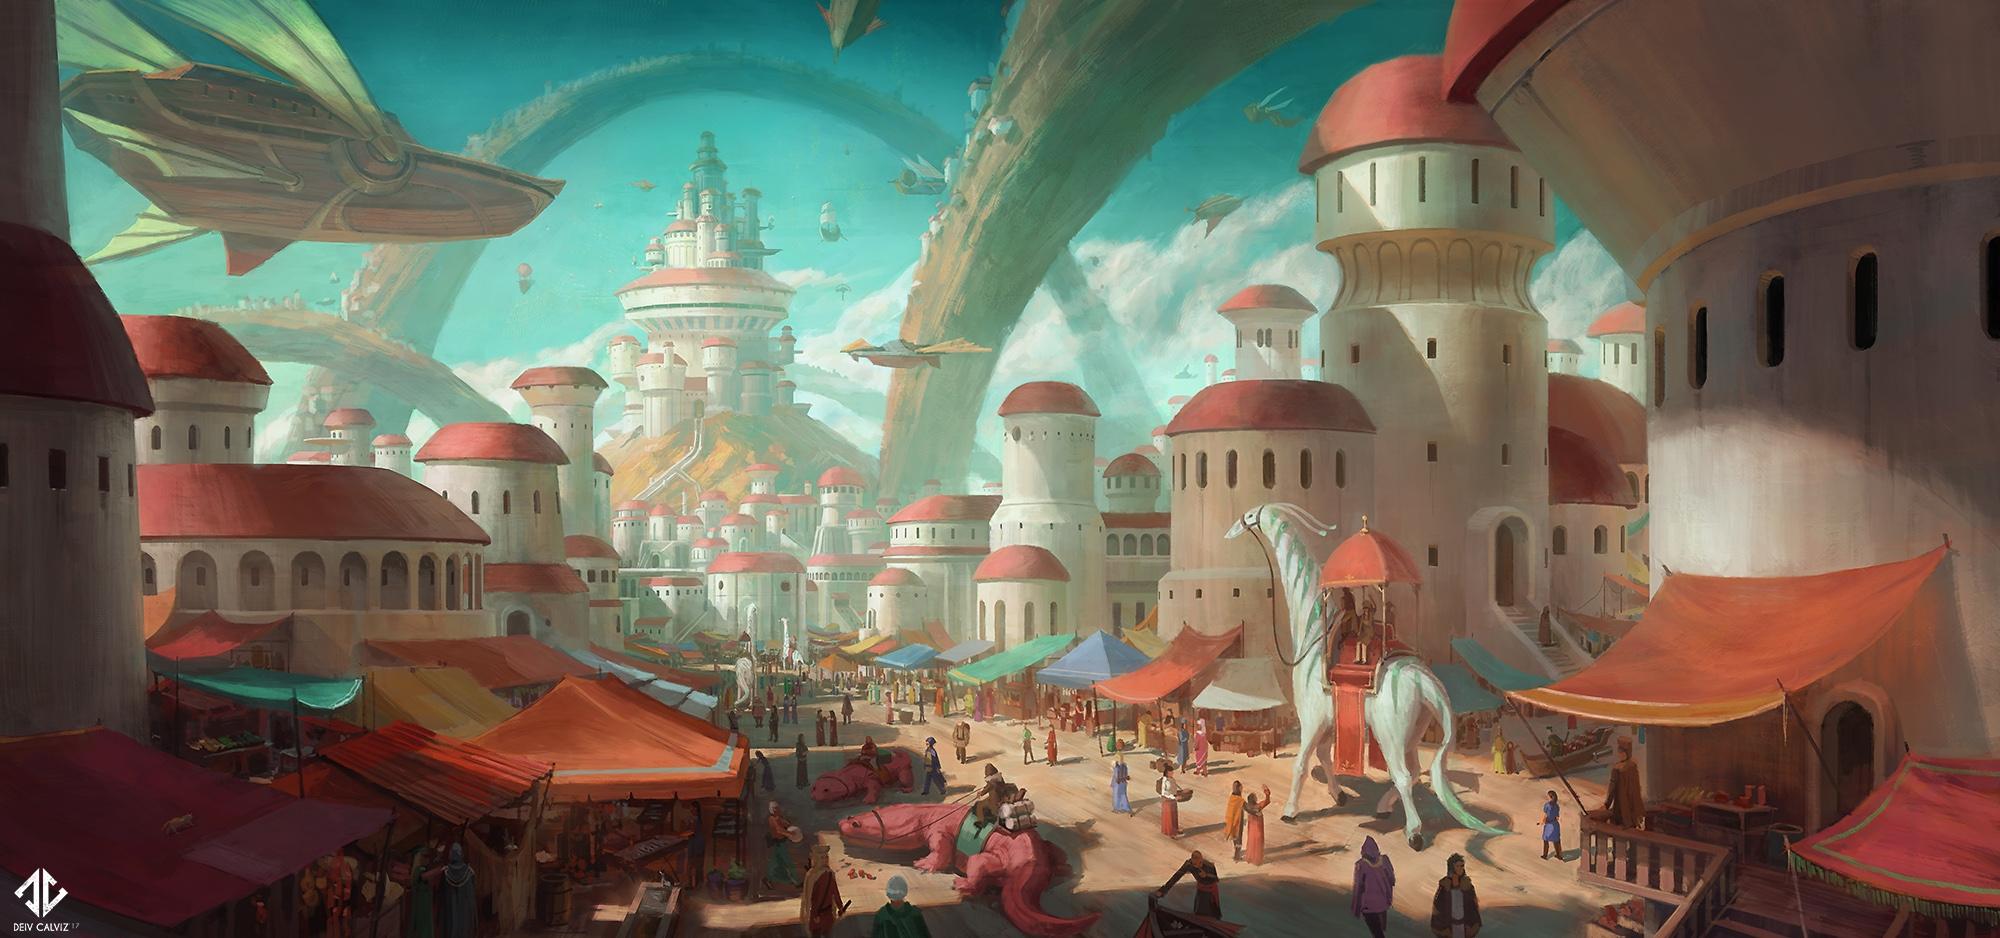 FantasyCity_Web_Deiv_Calviz